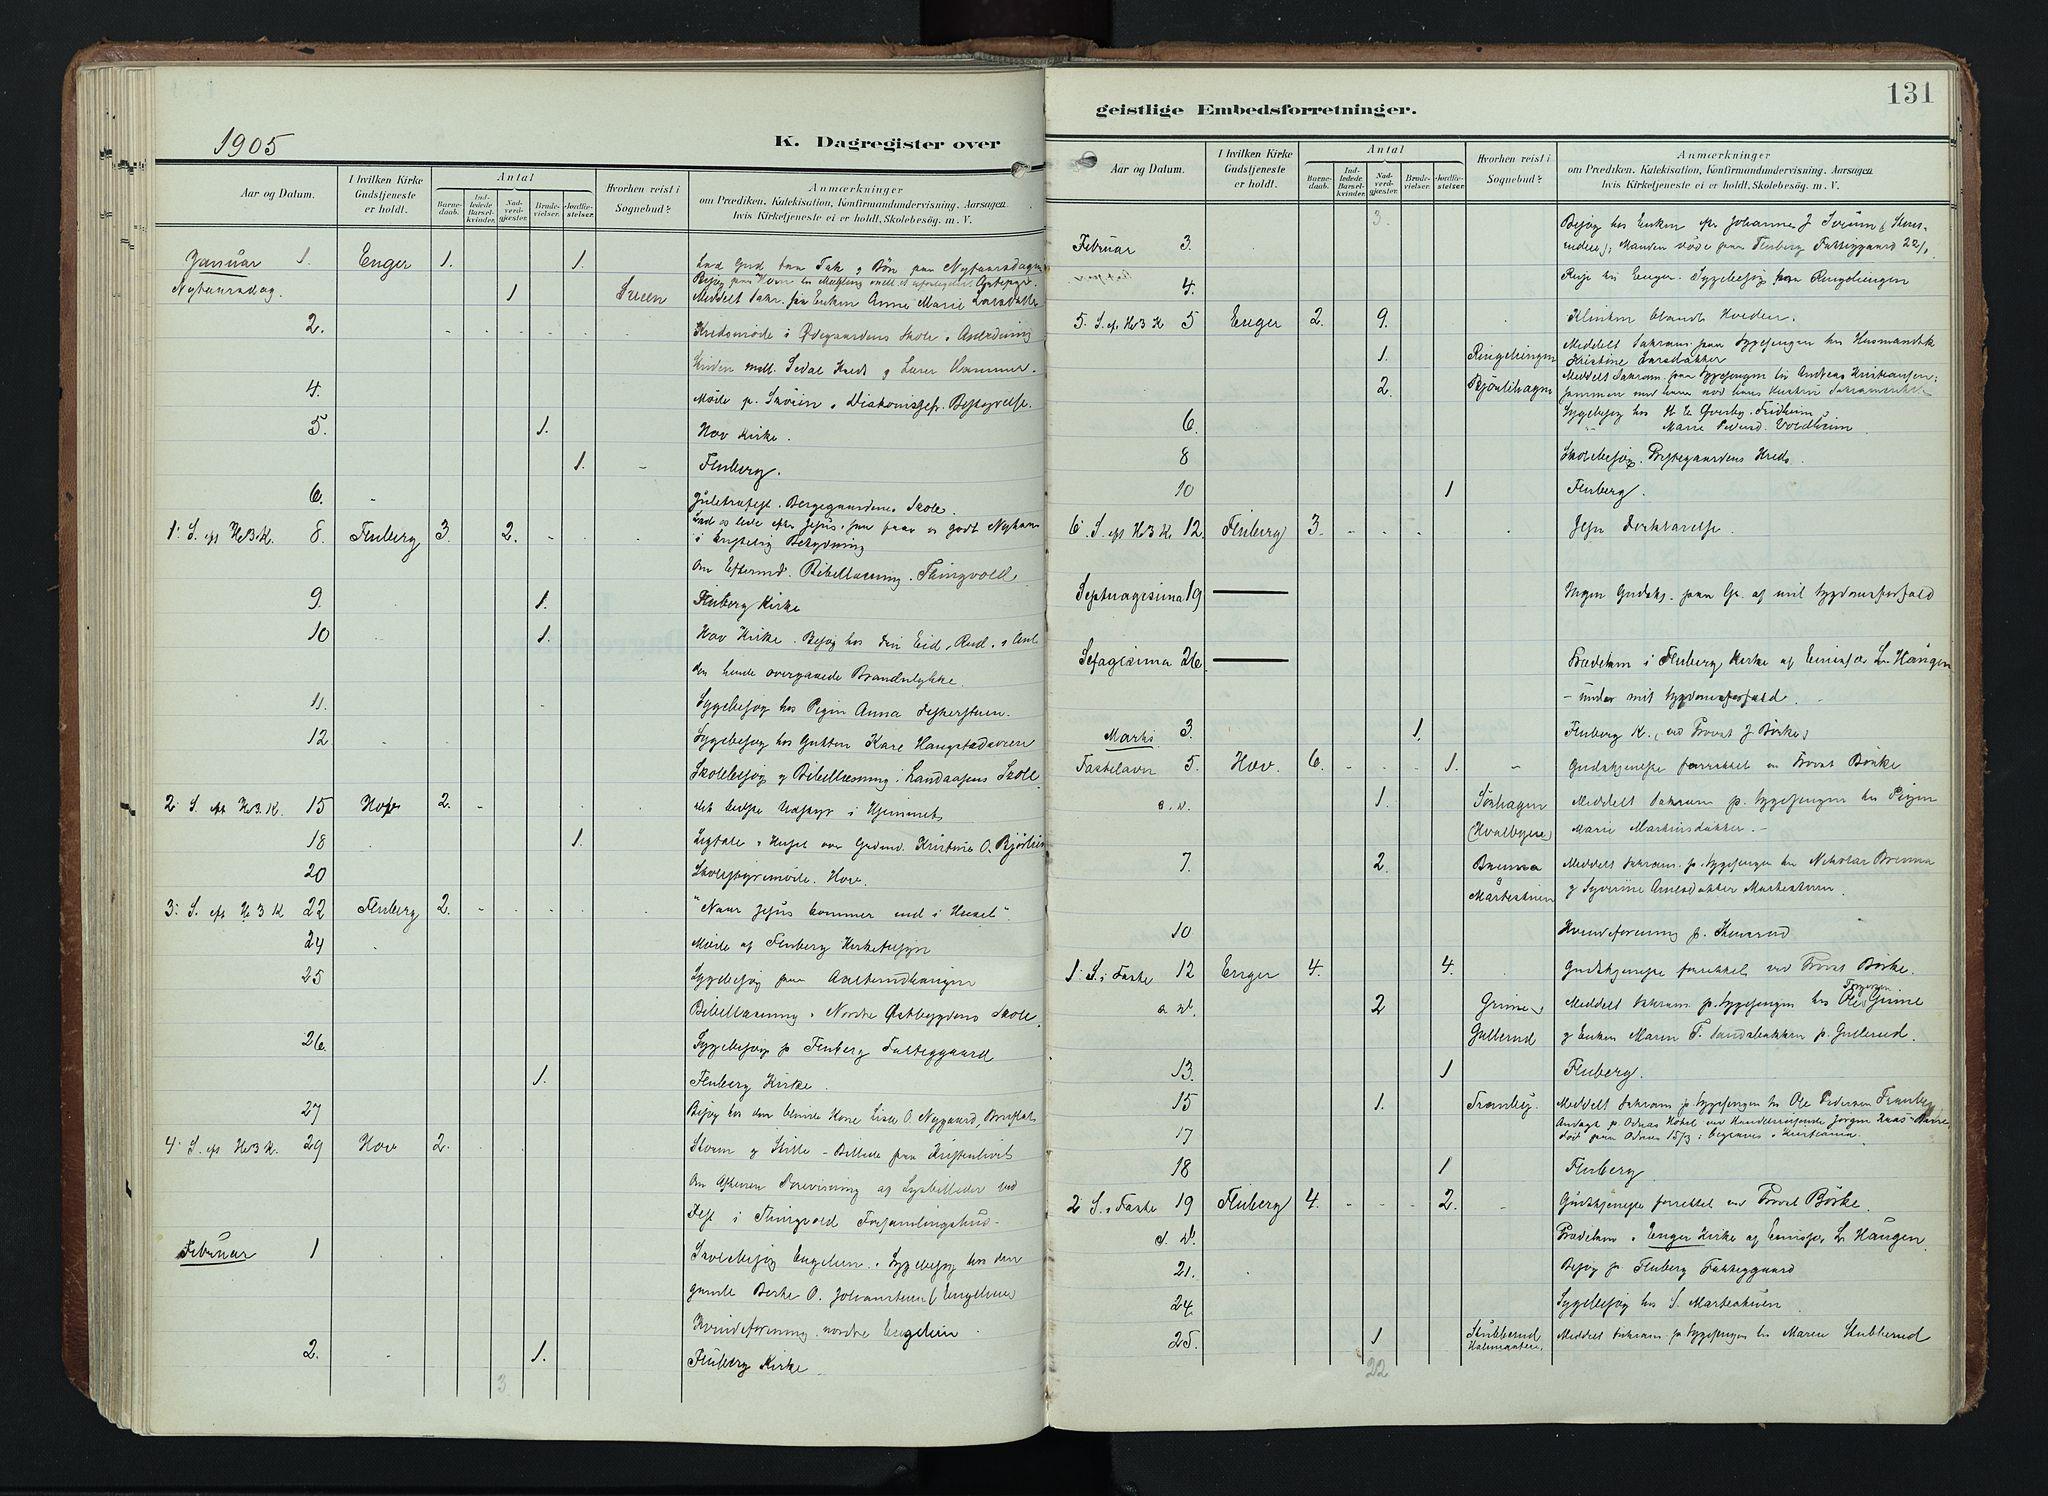 SAH, Søndre Land prestekontor, K/L0005: Ministerialbok nr. 5, 1905-1914, s. 131